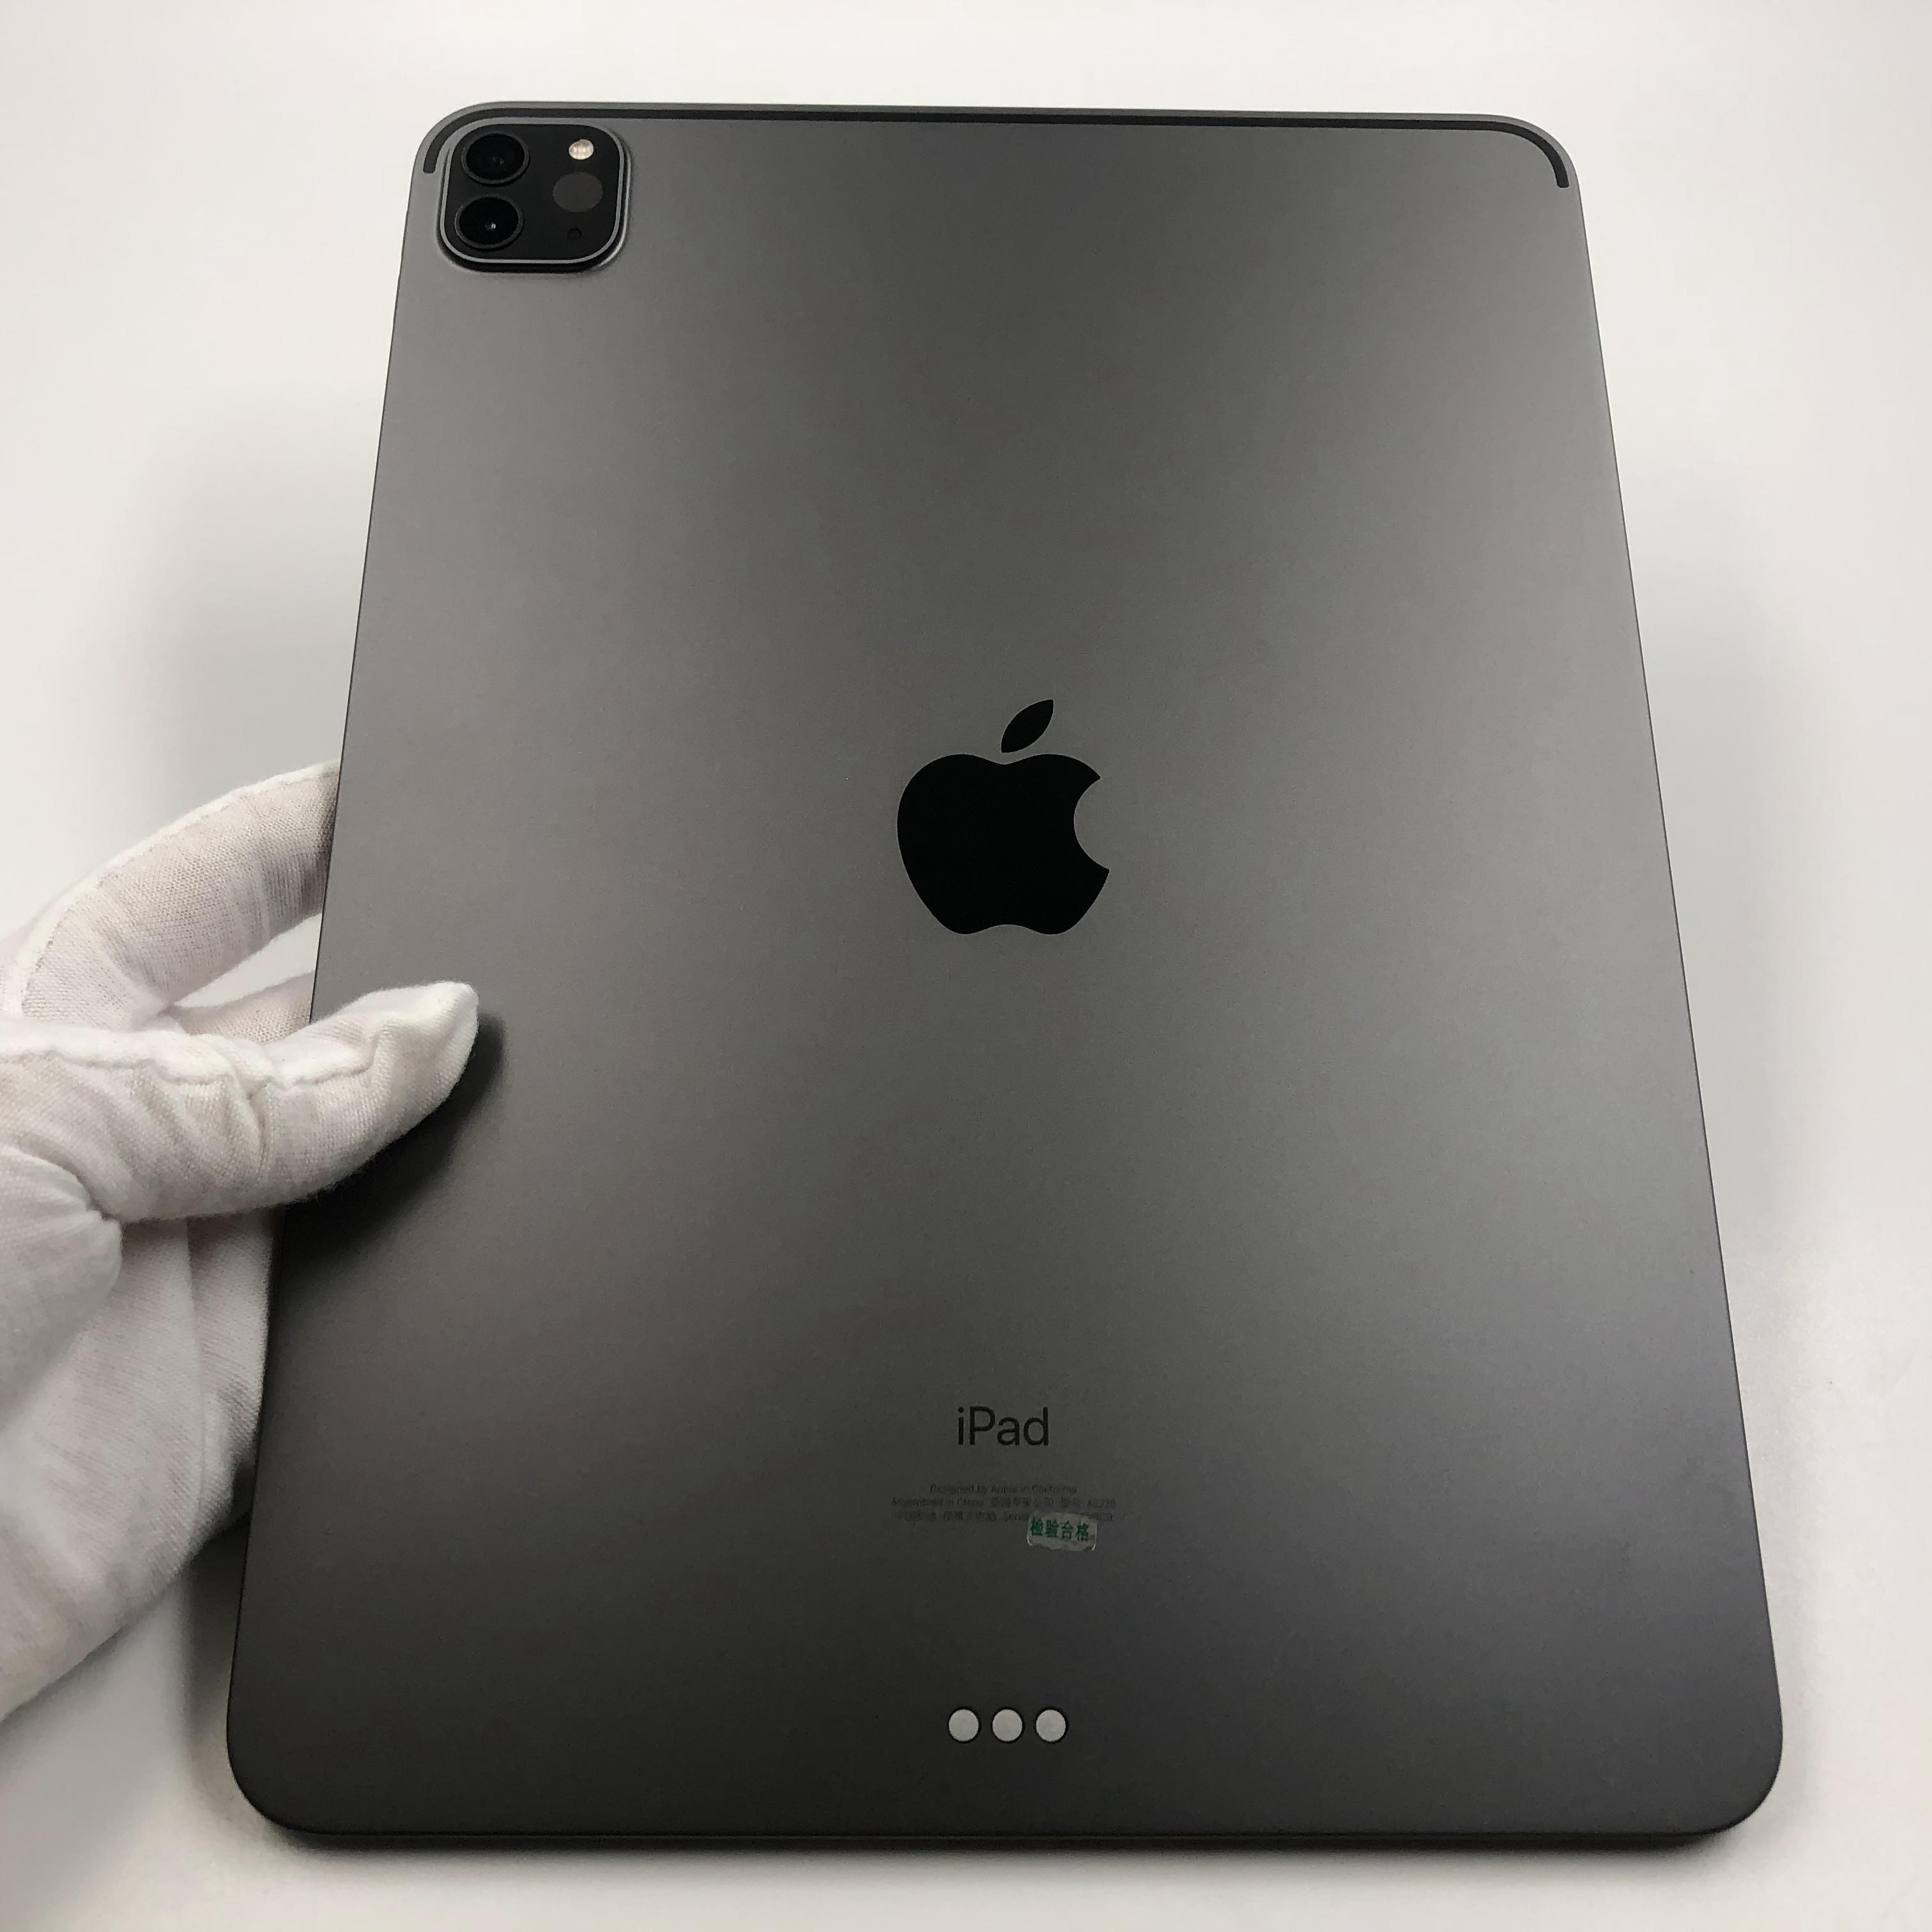 苹果【iPad Pro 11英寸  20款】WIFI版 深空灰 256G 国行 9成新 真机实拍